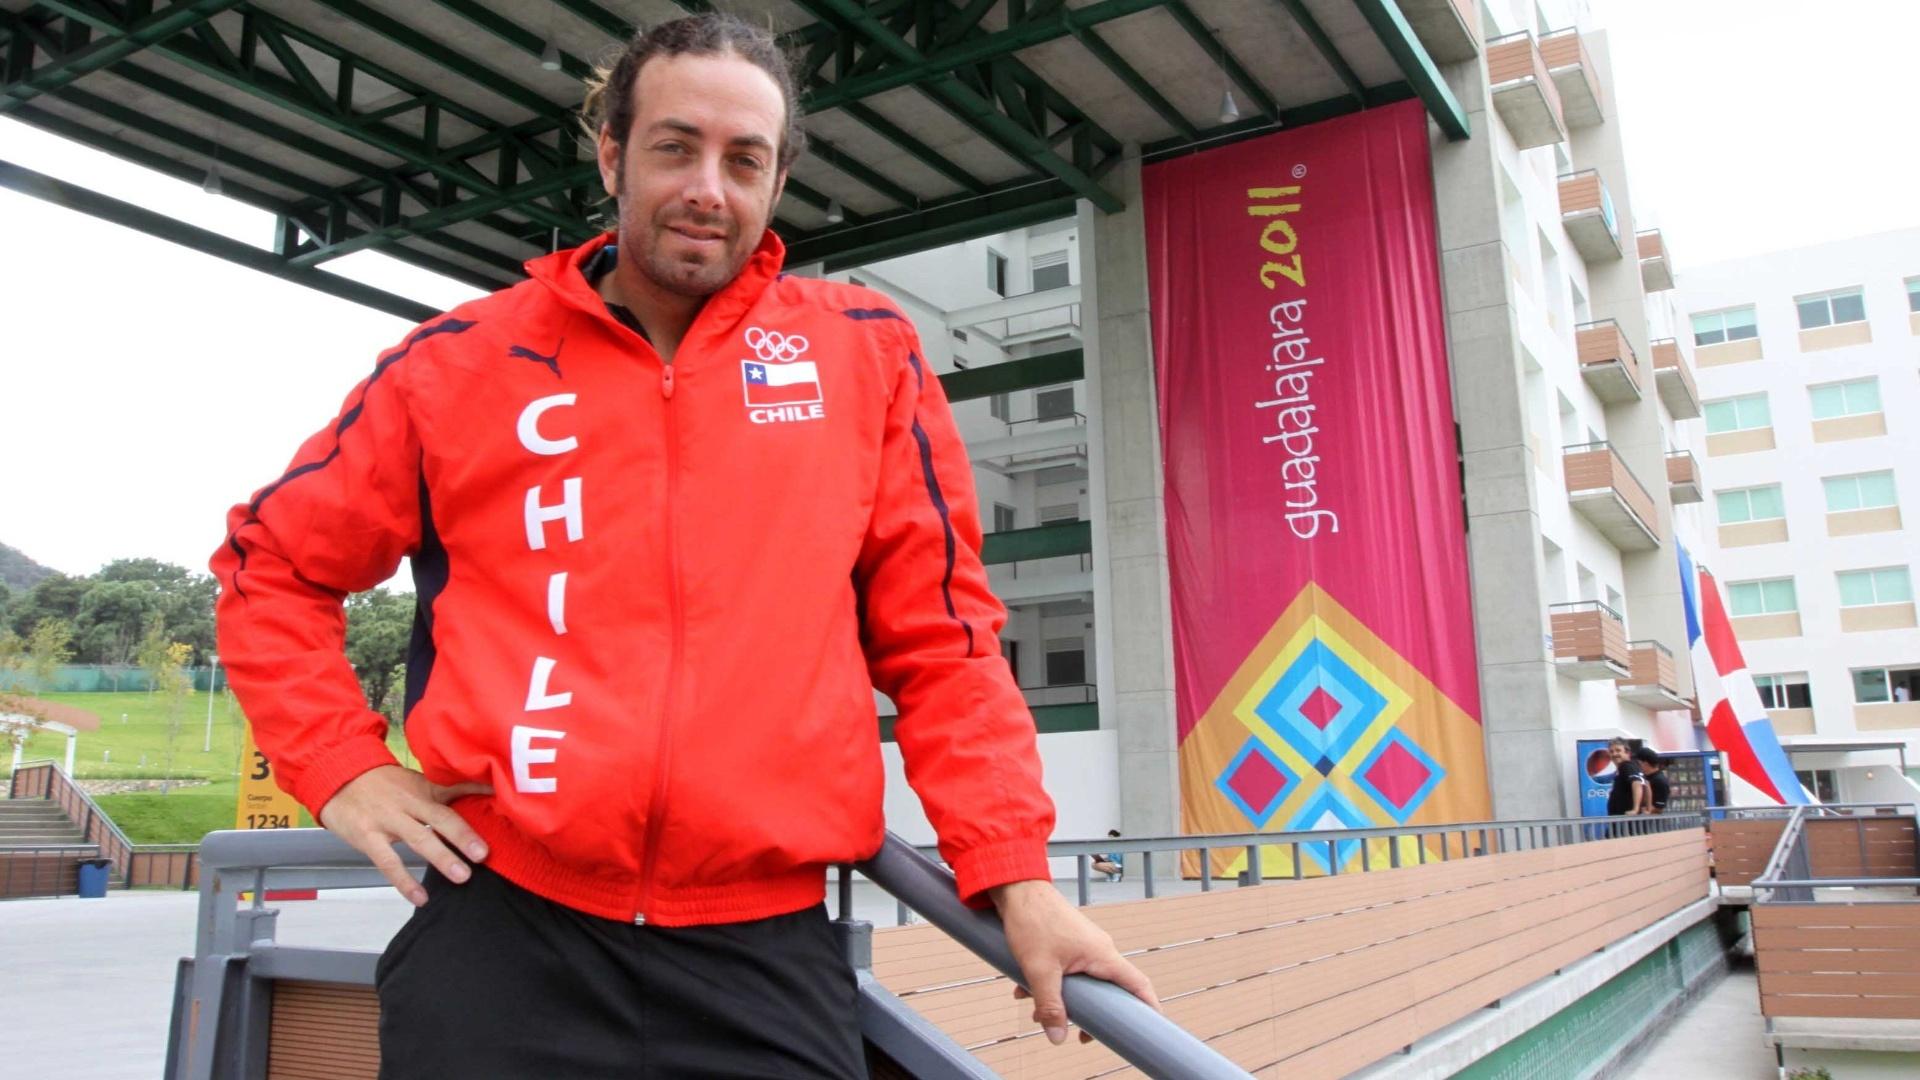 Nicolás Massú posa para fotos antes do início do torneio de tênis do Pan de Guadalajara